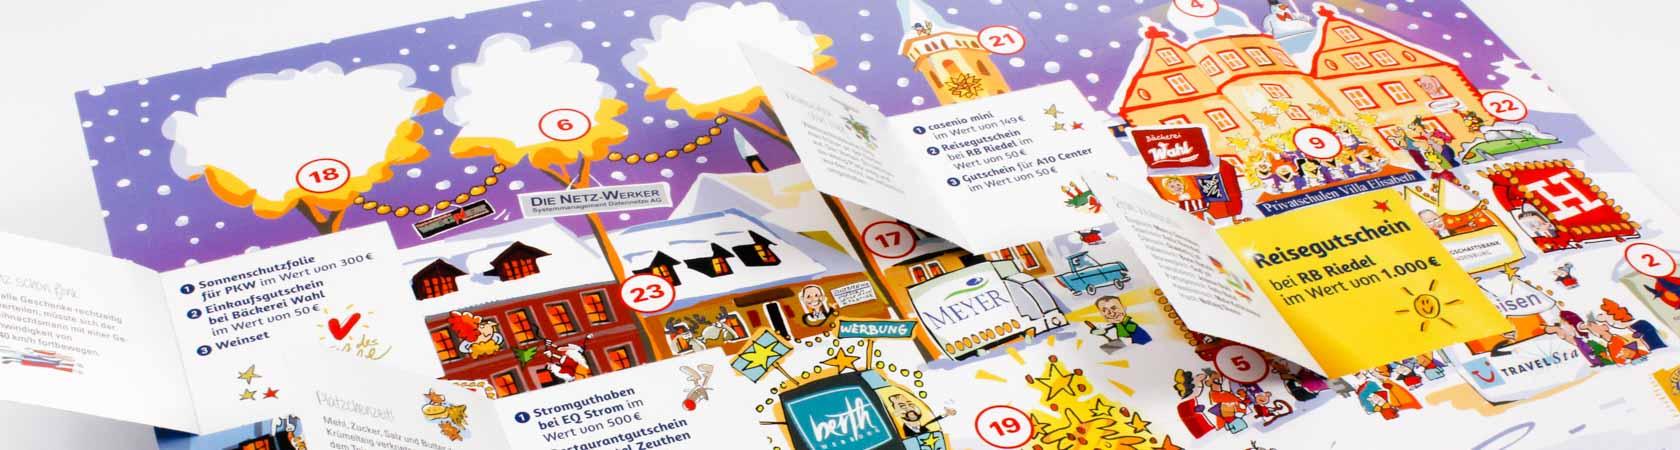 Kalender mit 24 angestanzten Türchen